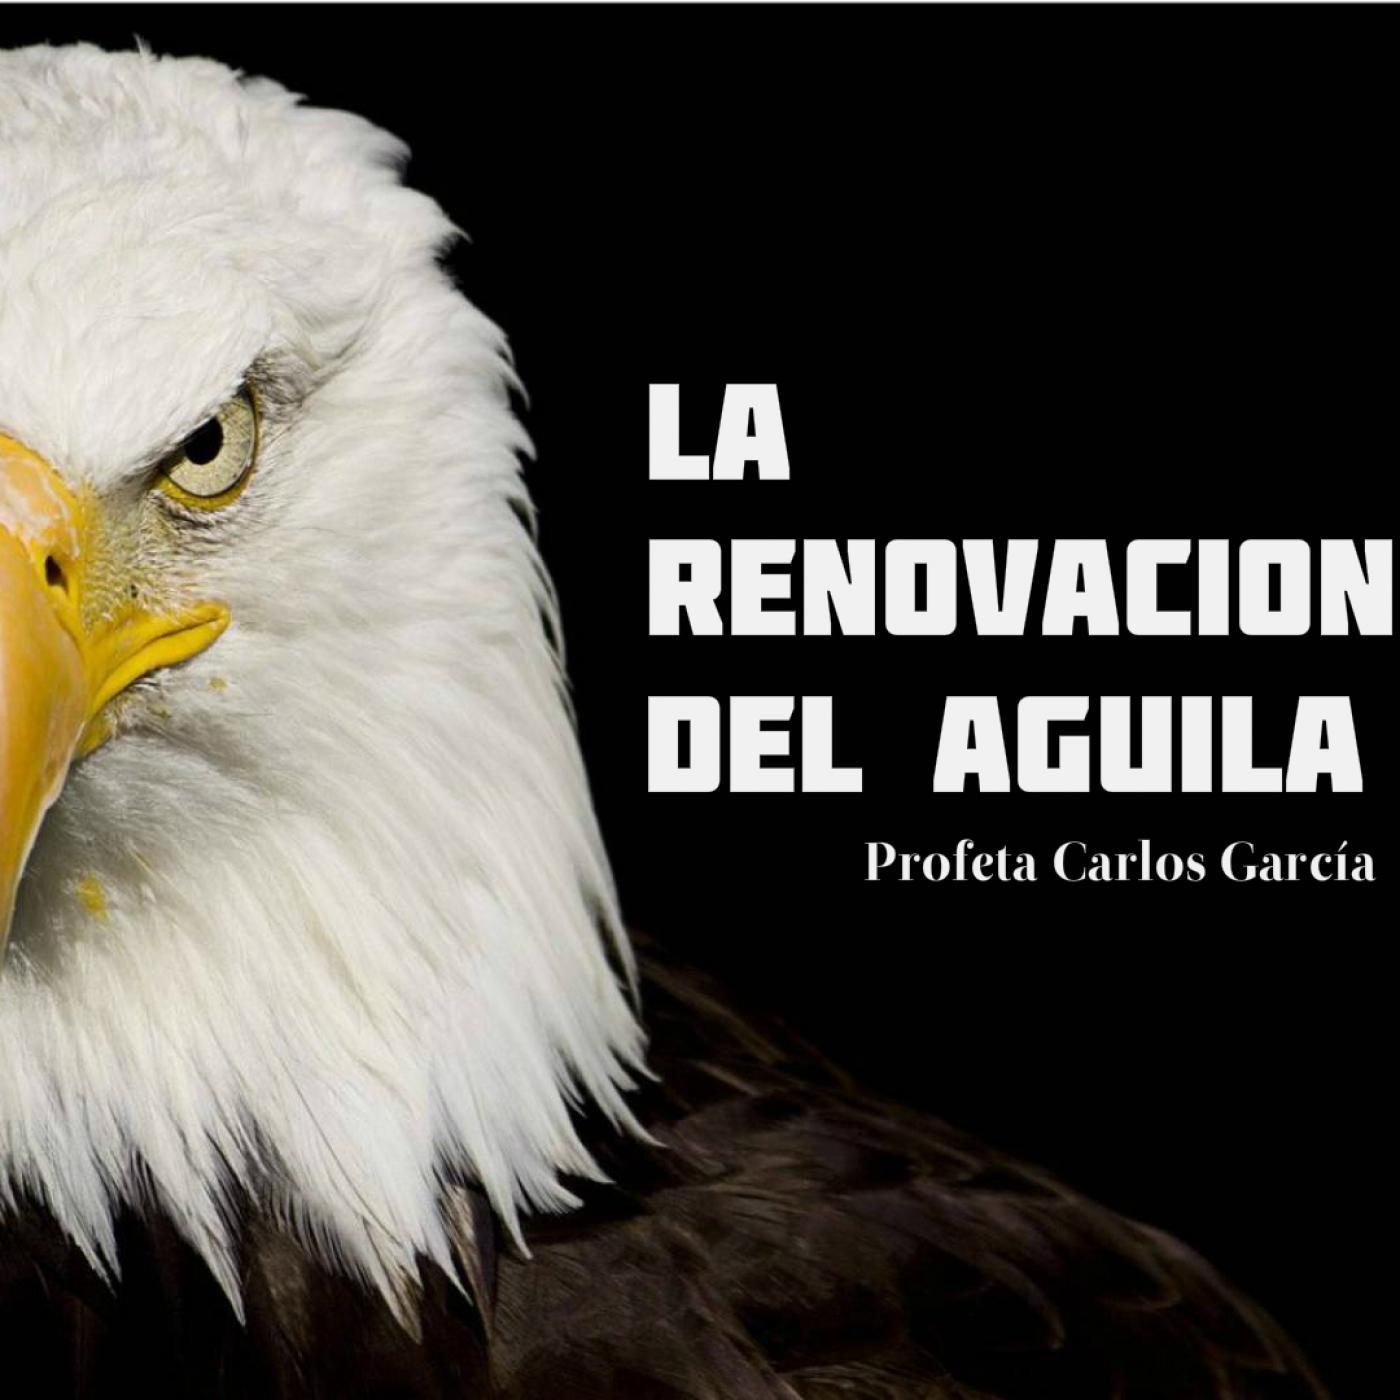 La Renovación del Aguila - Predicaciones Profeticas en